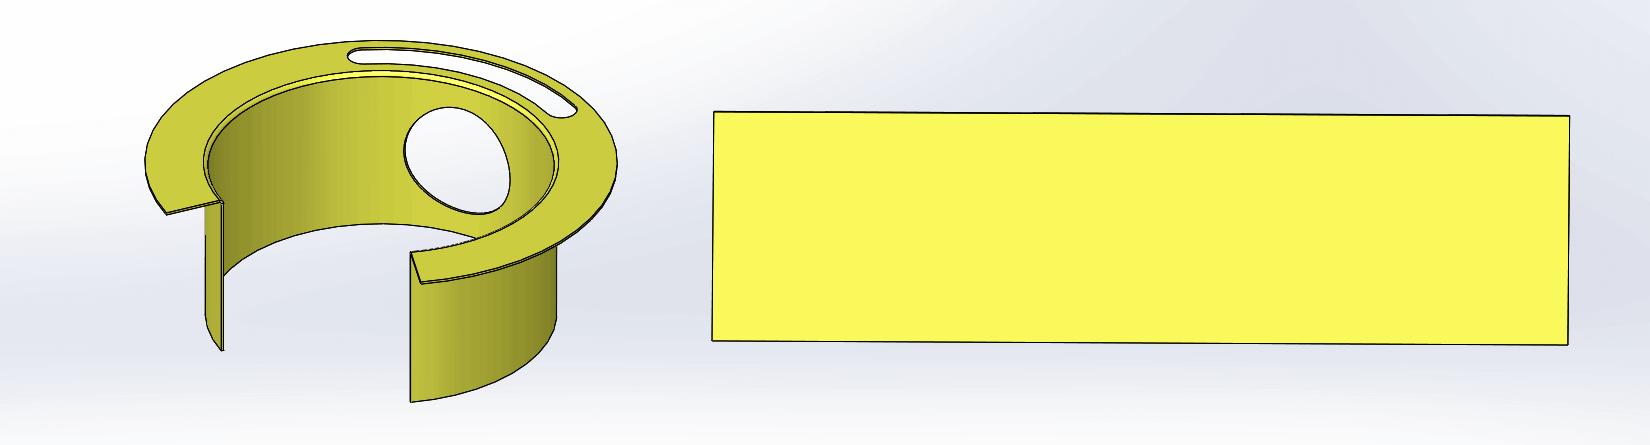 SOLIDWORKS 2015 Sheet Metal SweptFlange Flat Pattern